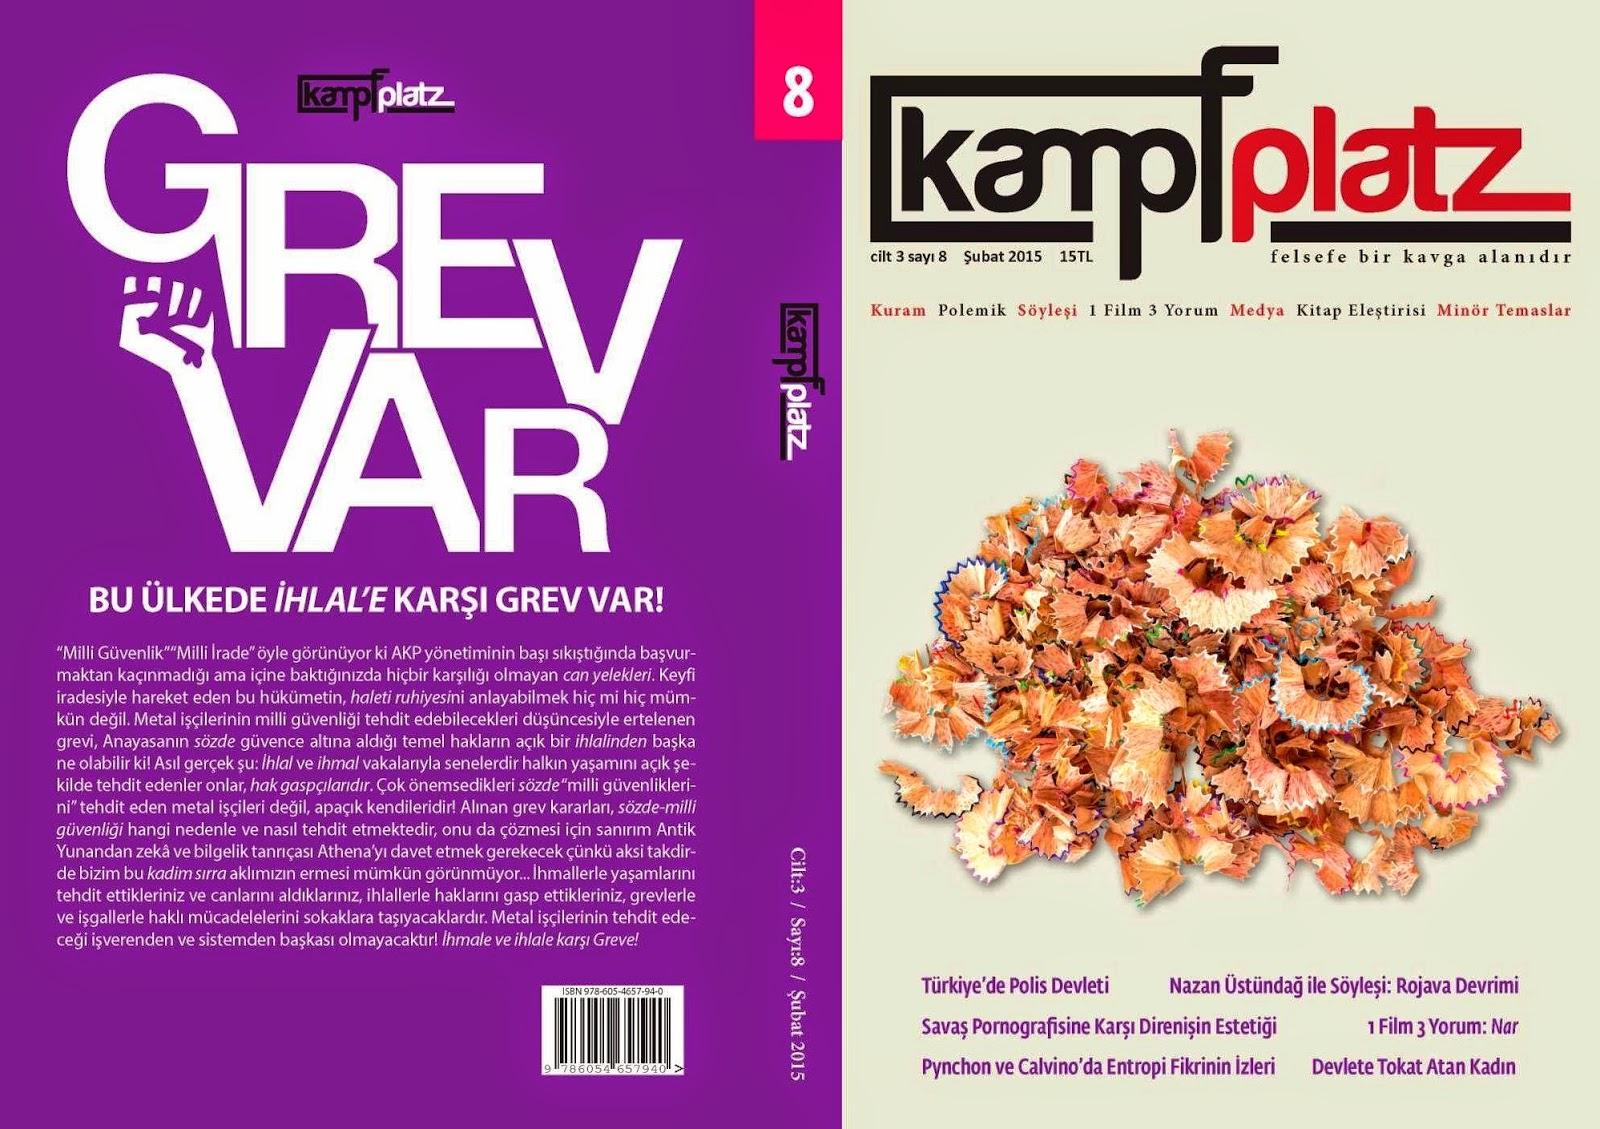 Spartacus: Lanetlilerin Savaşı filmi. Aktörler ve arsa 16